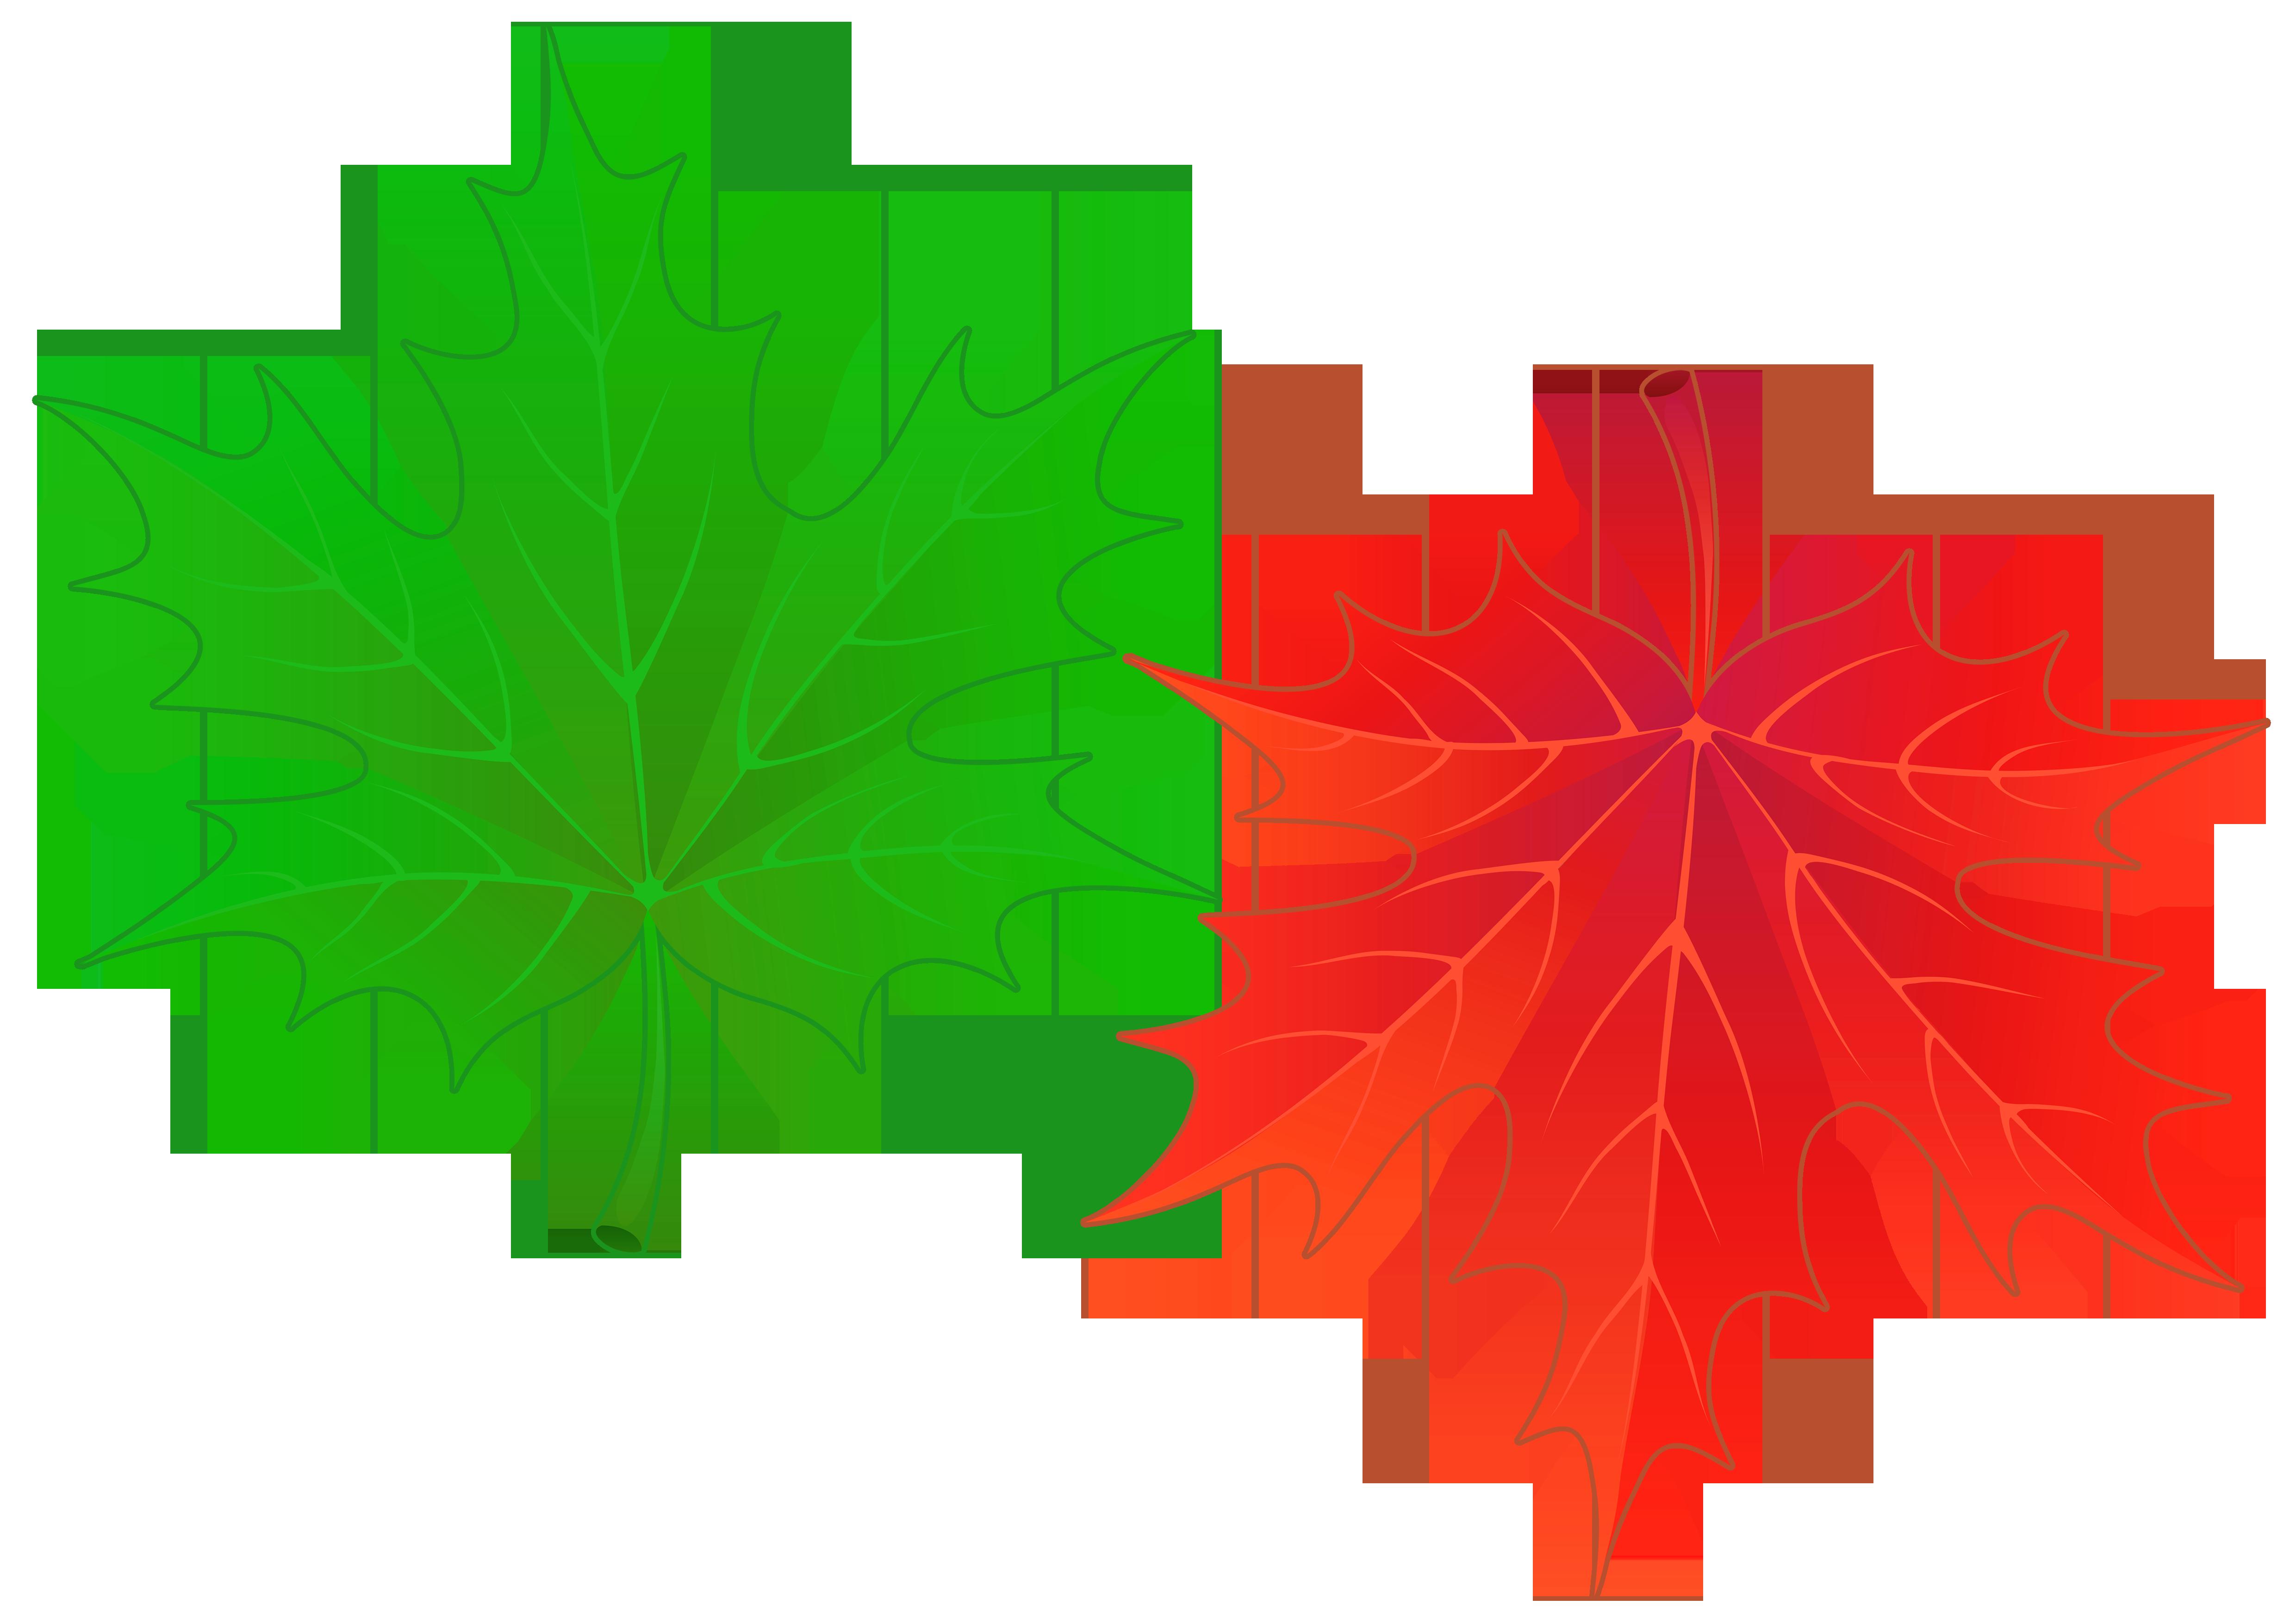 картинки осенних листьев для вырезания цветные можем предоставить прокат